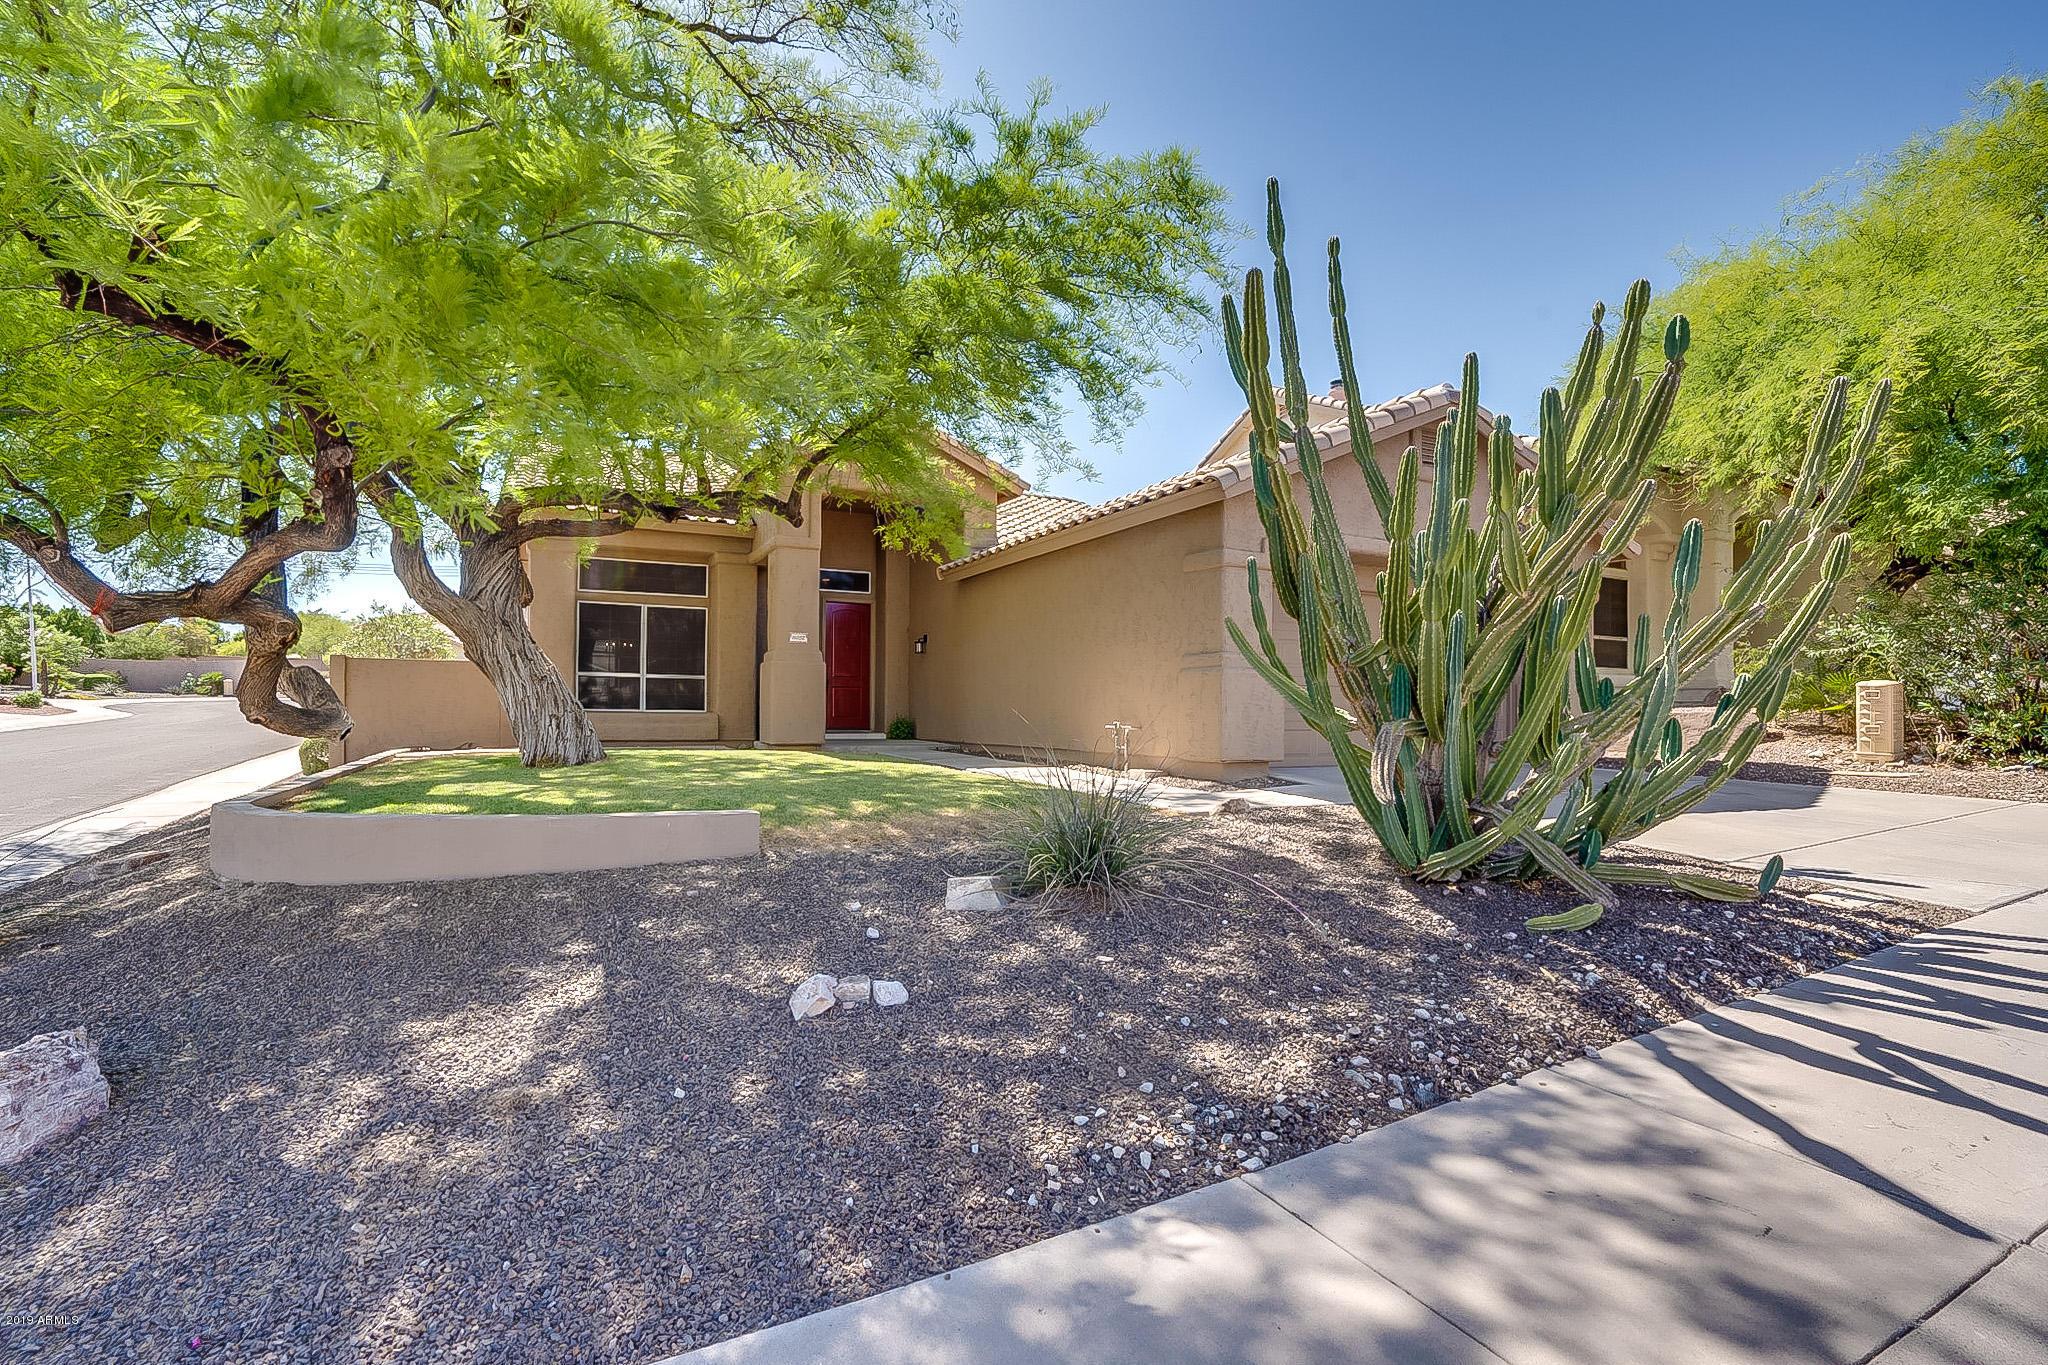 Photo for 16052 S 24th Place, Phoenix, AZ 85048 (MLS # 5936585)